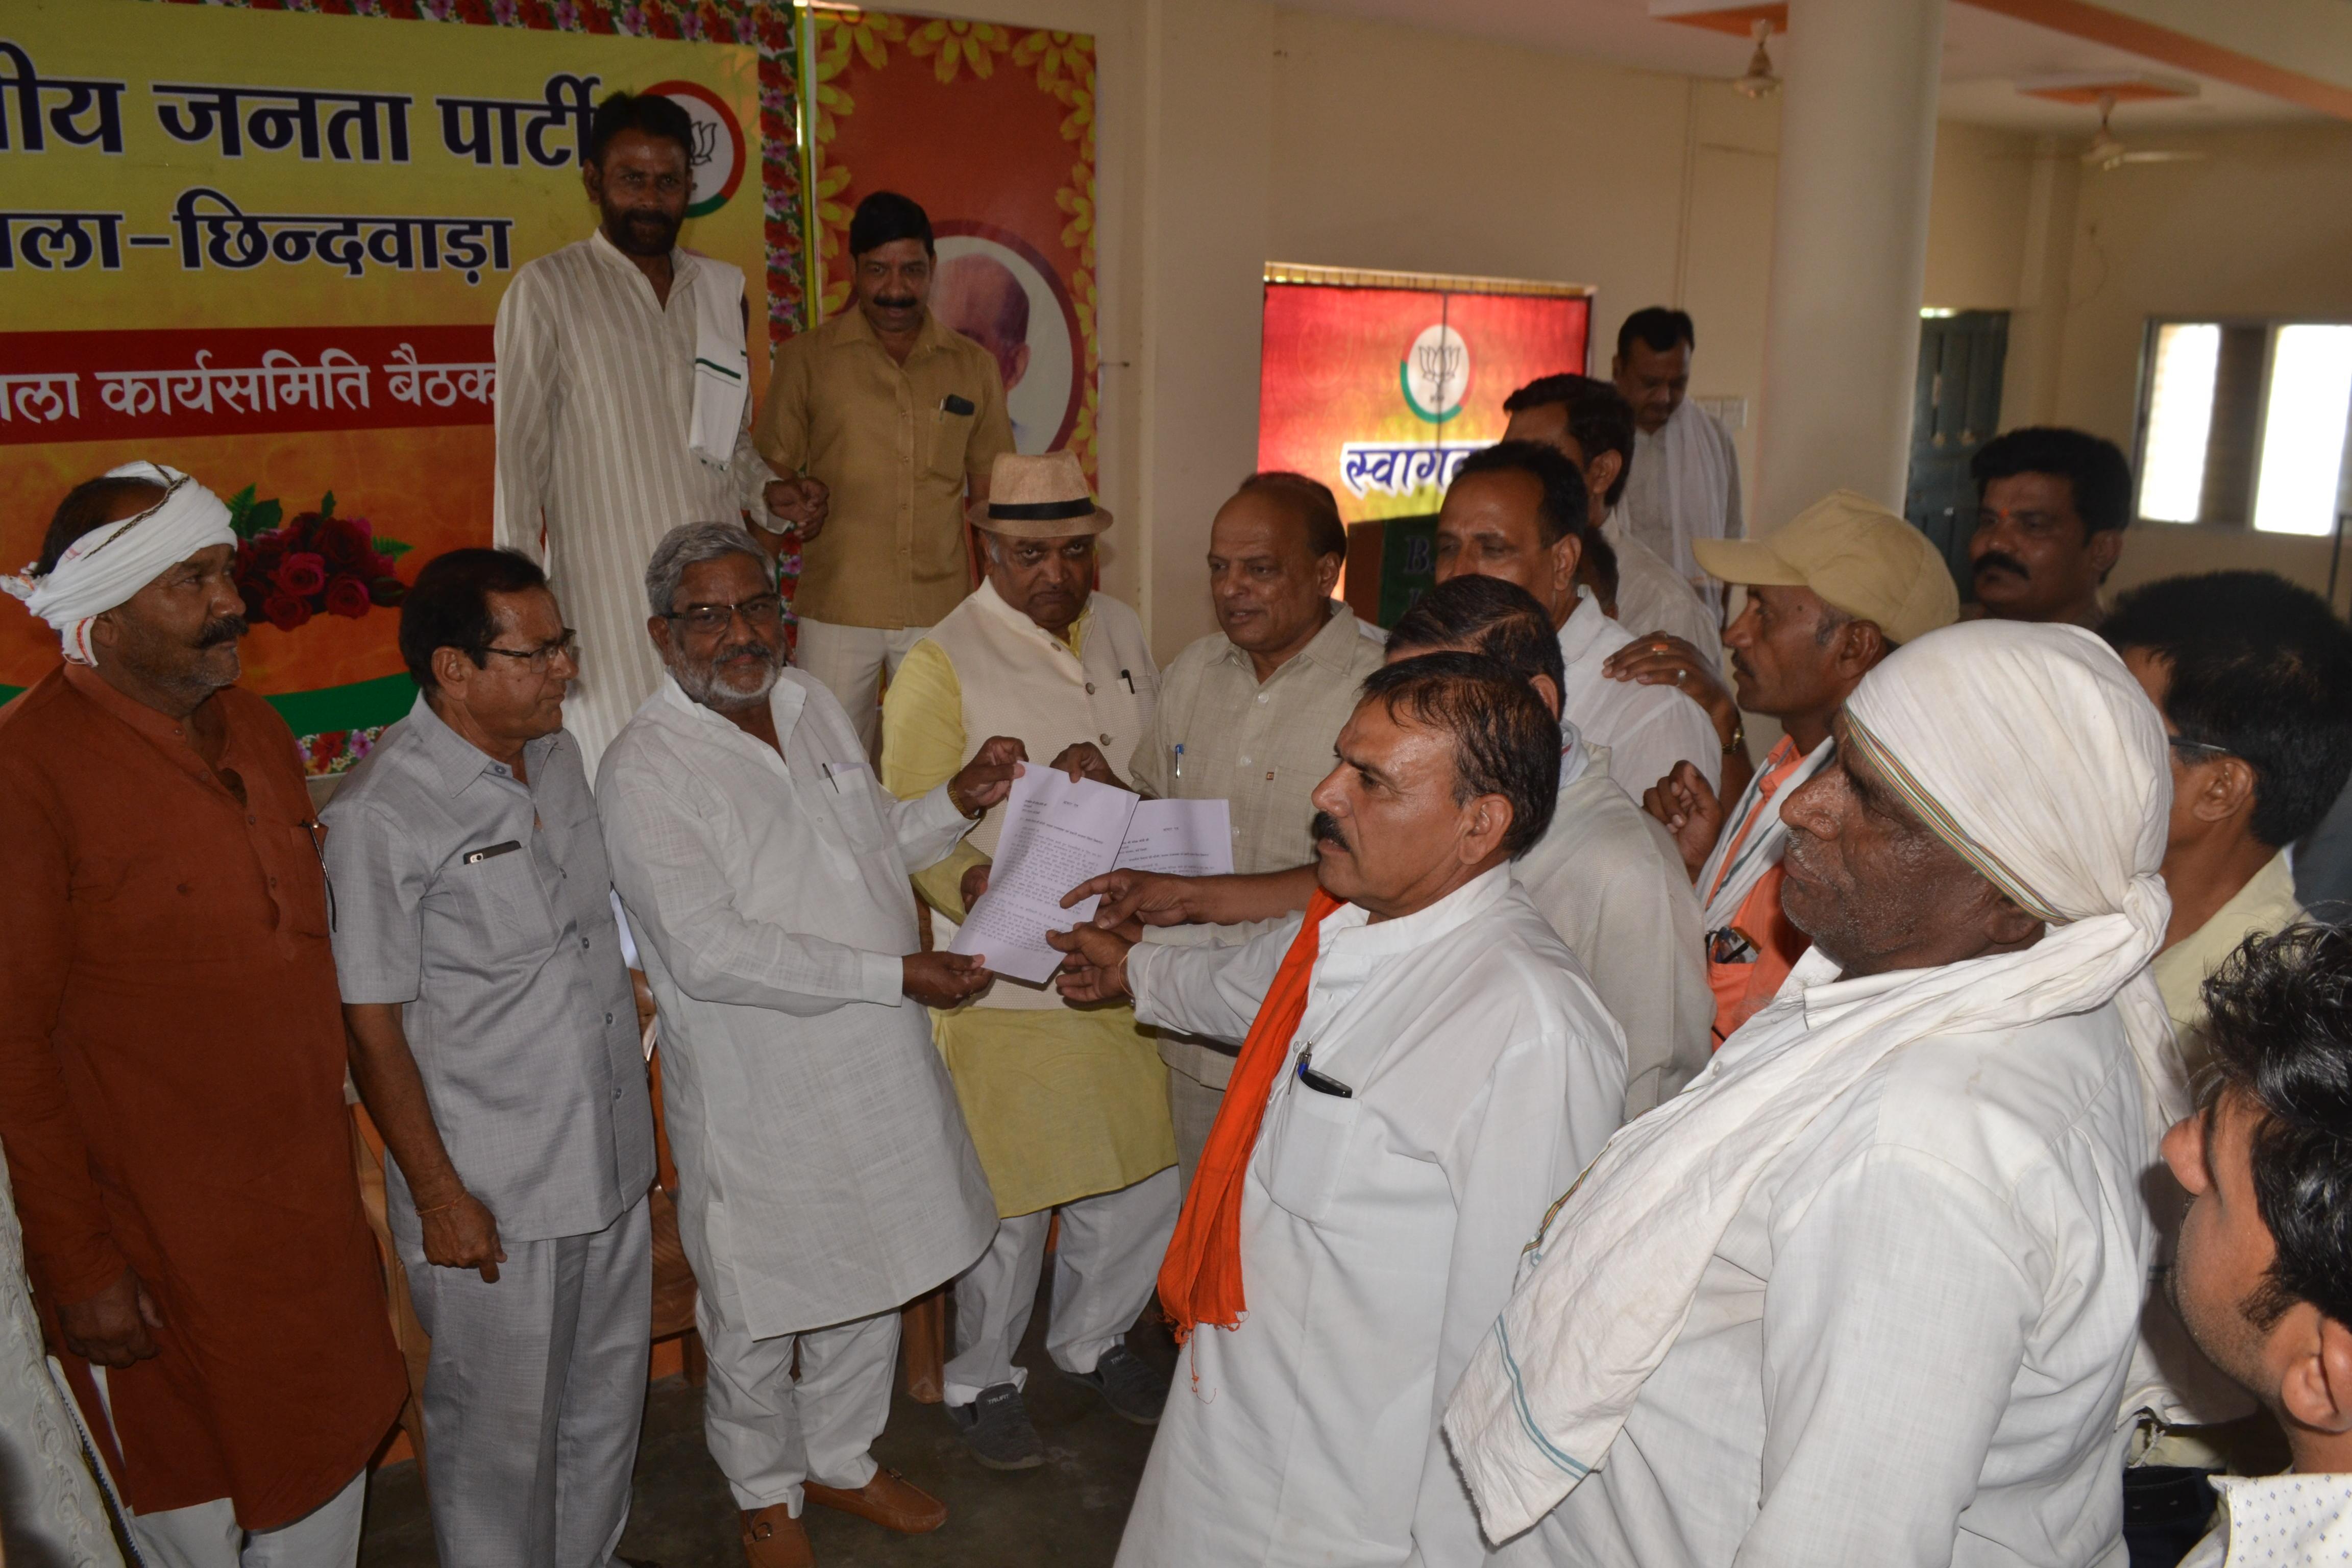 किसानों से जुड़े इस संगठन ने प्रधानमंत्री को भेजा पत्र, जानें क्या लिखा है पत्र में